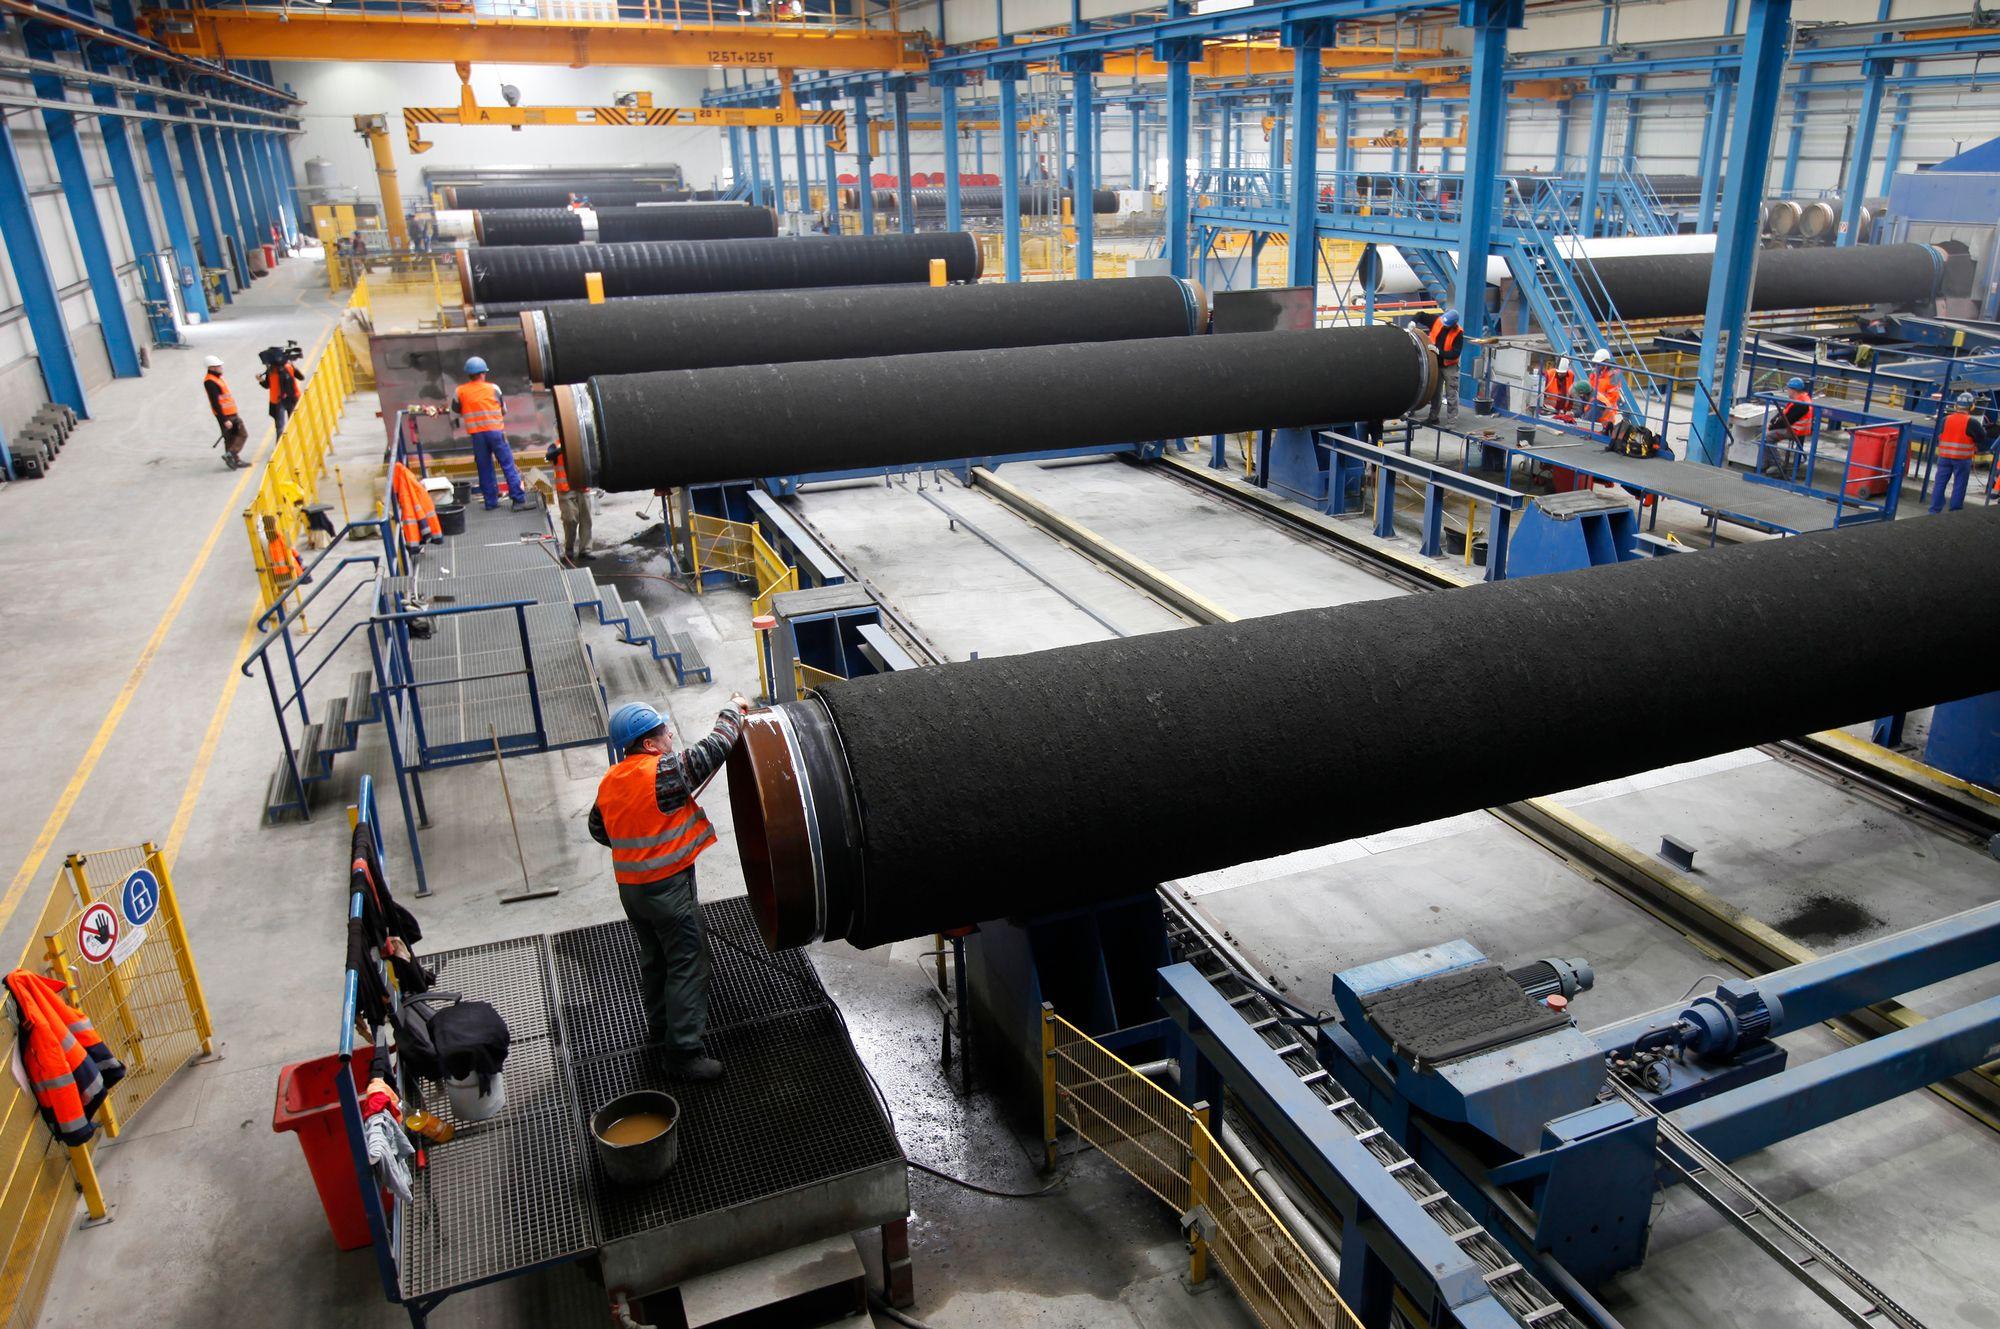 Le projet de gazoduc Nord Stream 2 doit accélérer l'acheminement de gaz russe vers l'Allemagne à partir de 2019.